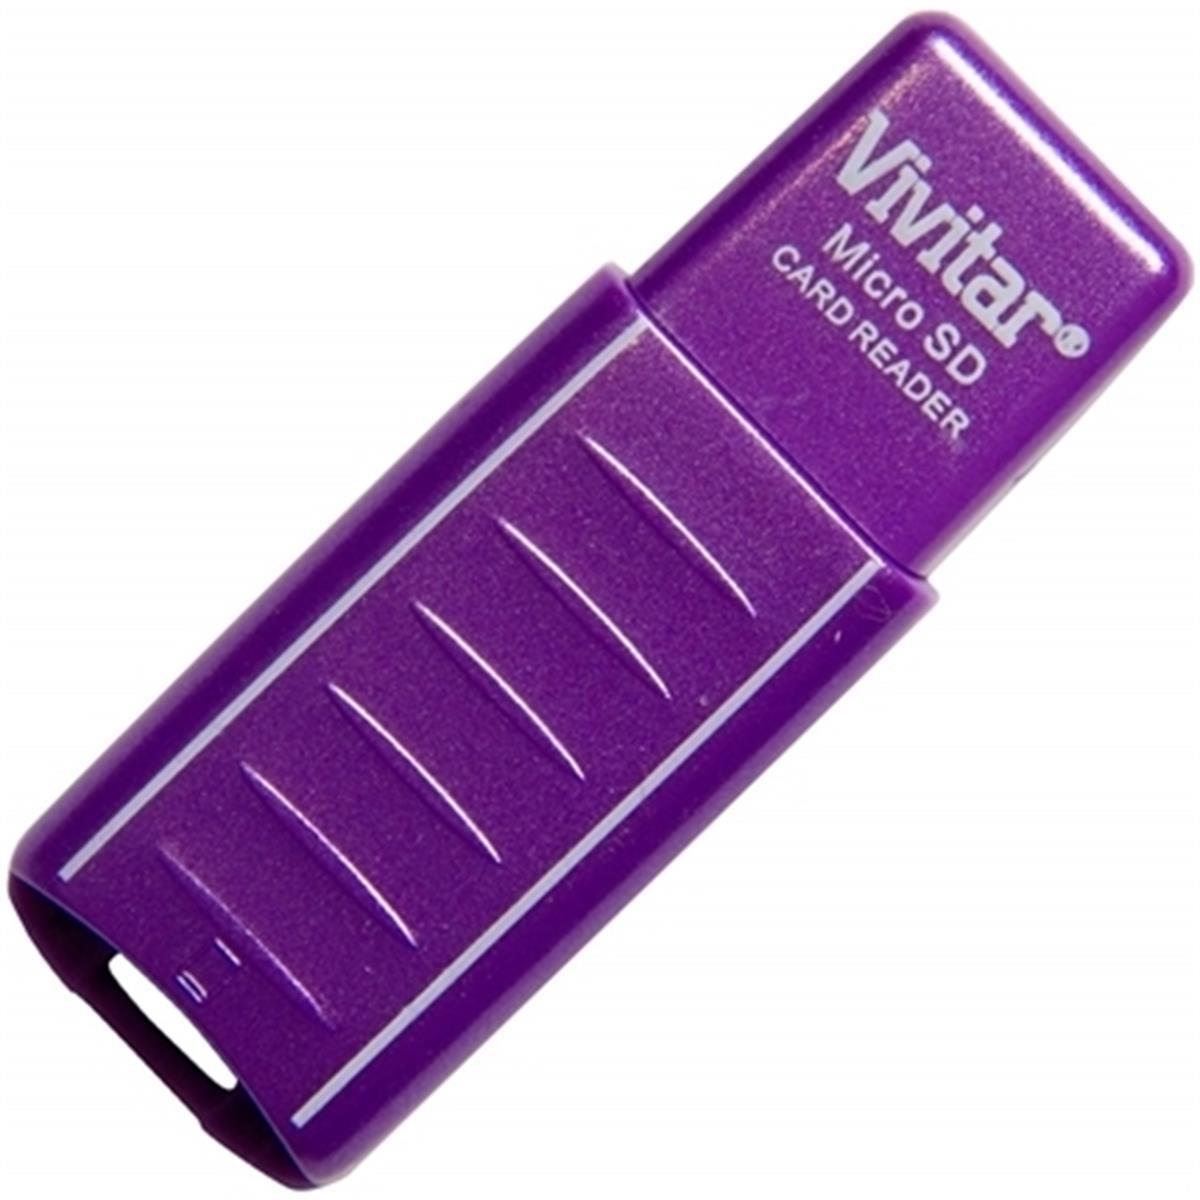 Leitor E Gravador De Cartão Micro SD Vivitar USB 2.0 Roxo - VIVRW1000